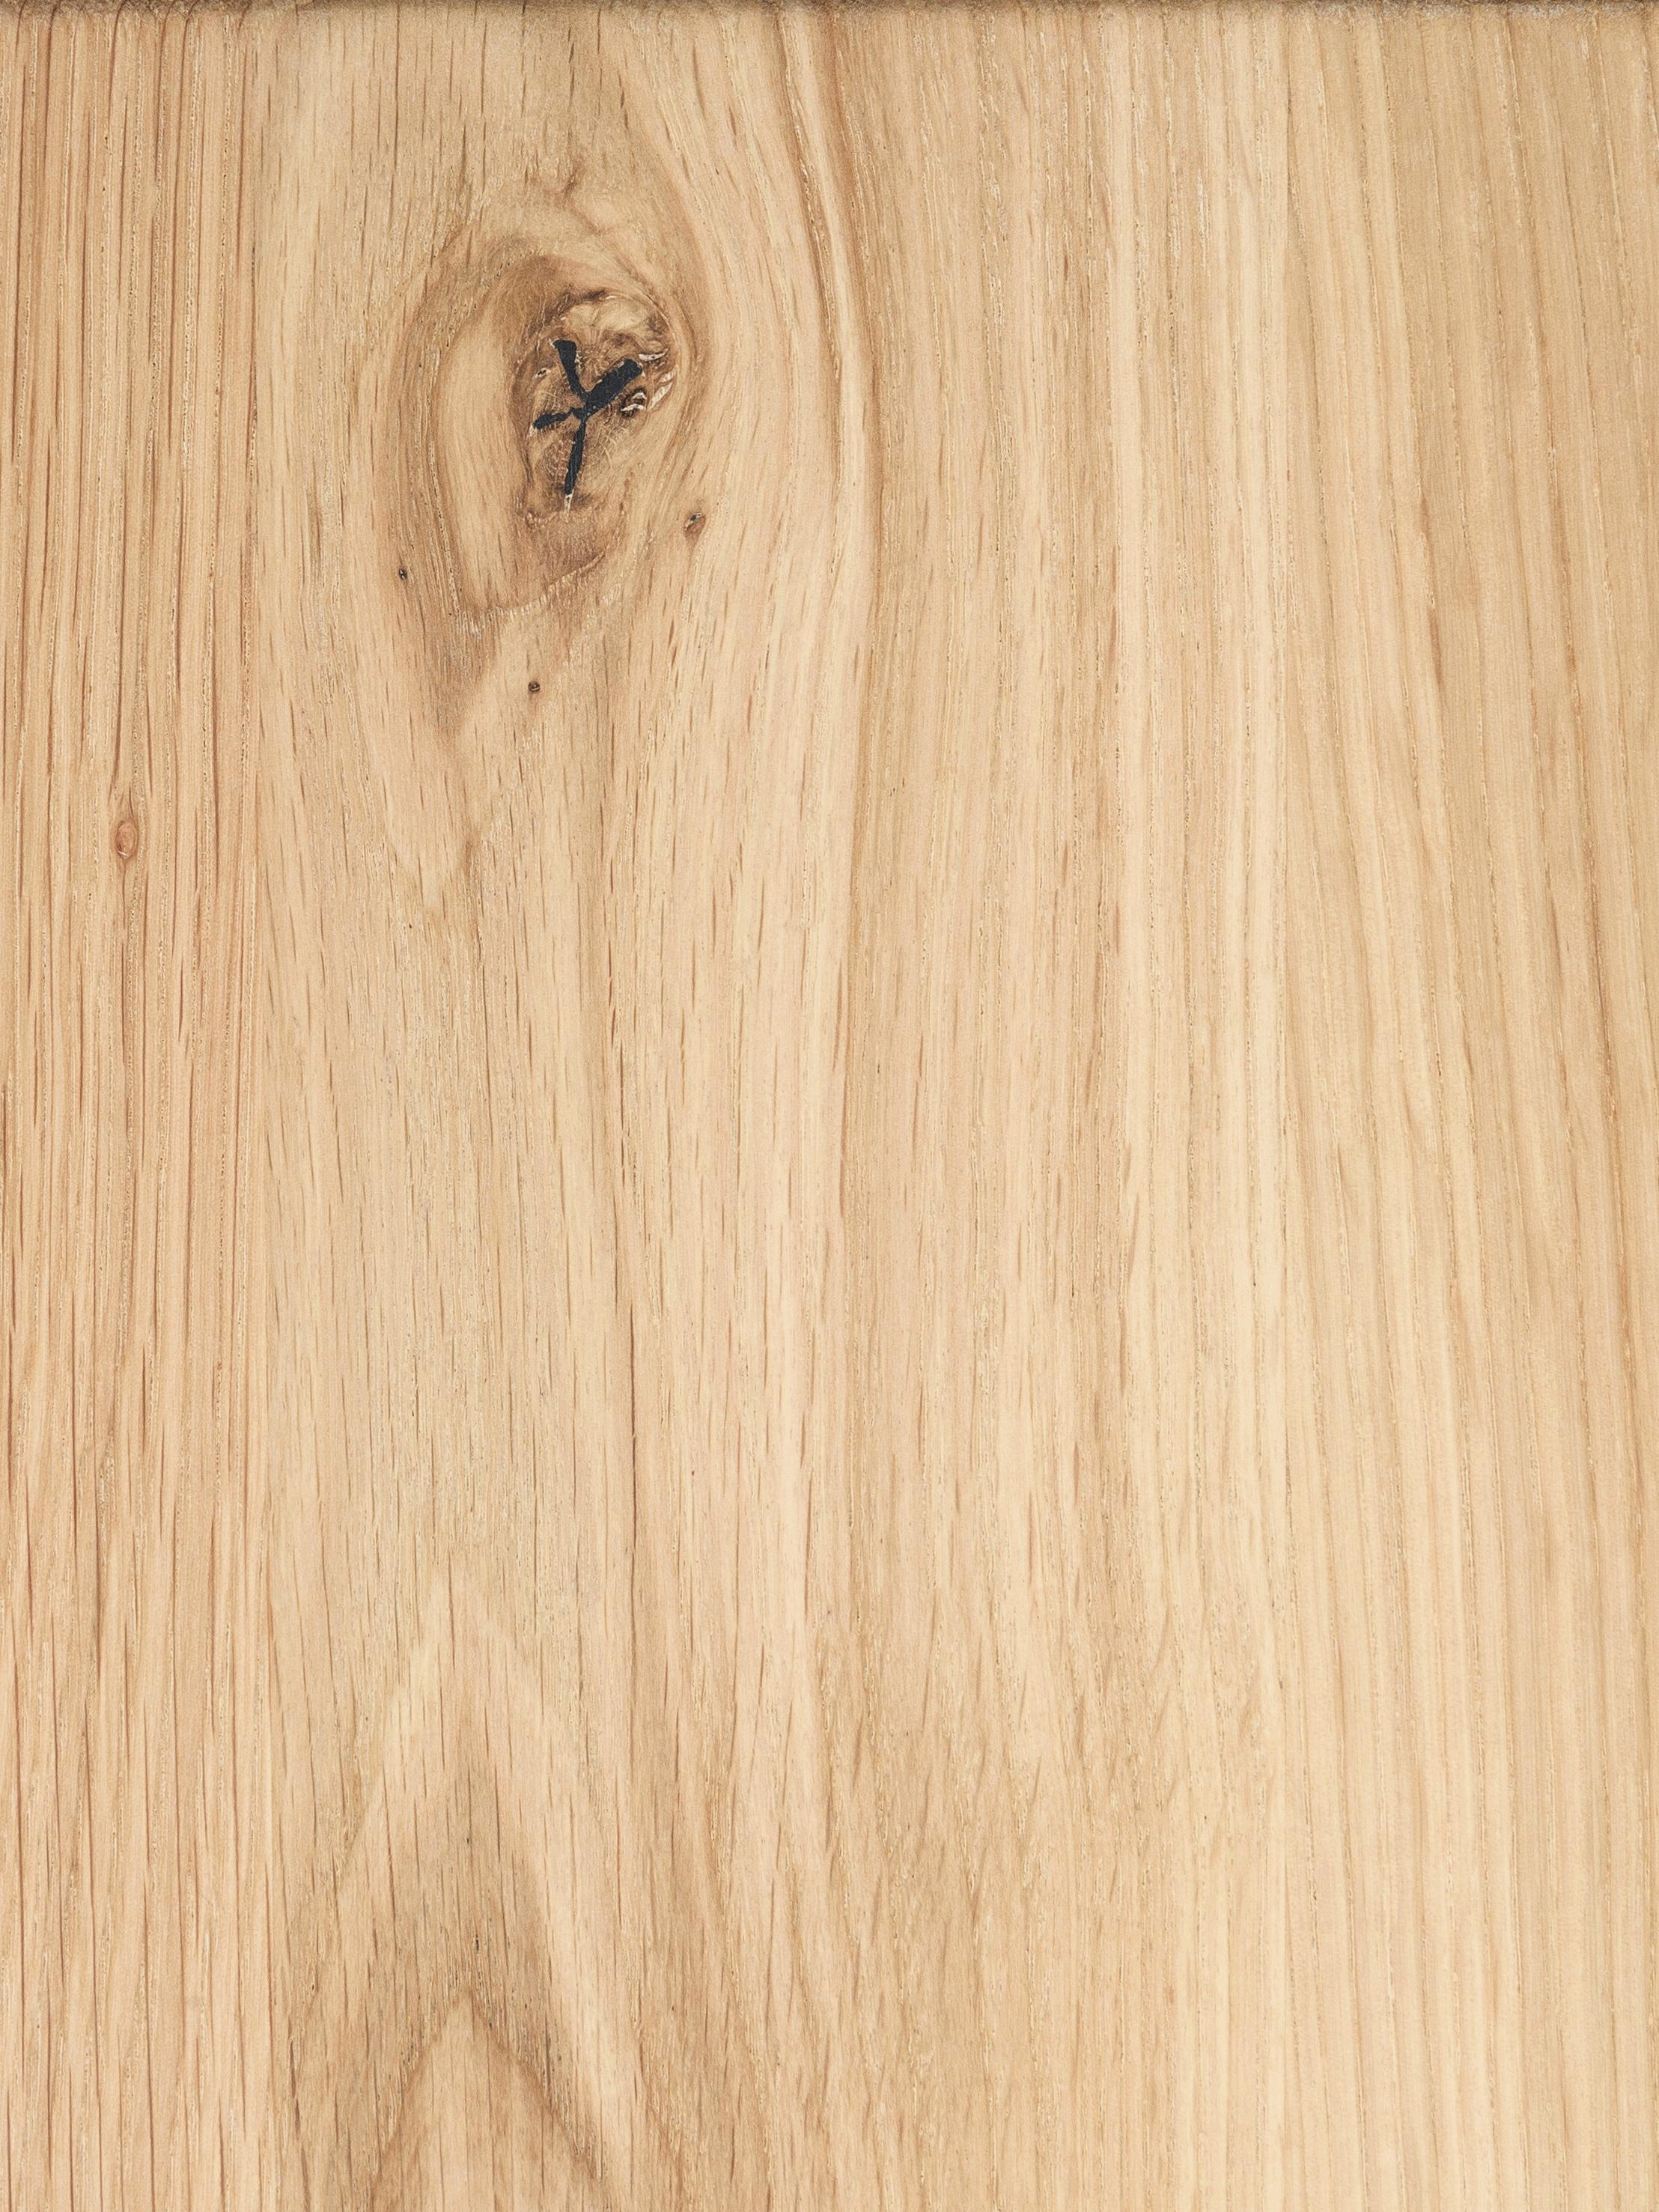 Bank Oliver, Zitvlak: geolied massief Europees , Poten: mat gelakt staal, Zitvlak: eikenhoutkleurig. Poten: edelstaalkleurig, mat geborsteld, 180 x 45 cm